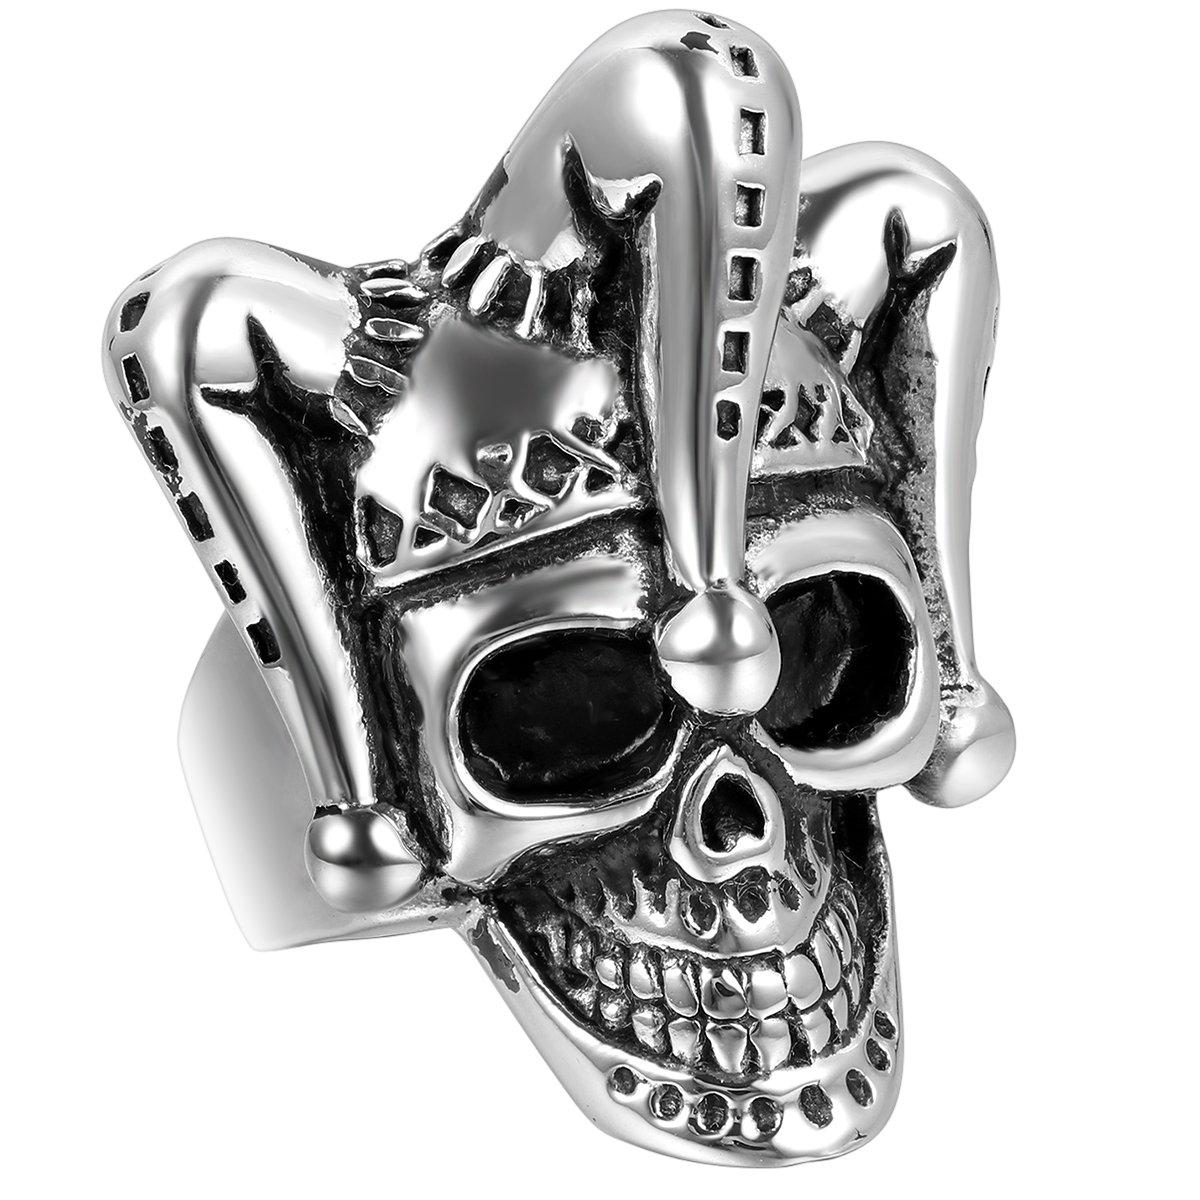 Jewelrywe Gioielli Anello da Uomo, Anelli, Gotico Joker Cranio Teschio, Acciaio Inossidabile, Nero Argento (con Borsa Regalo) JWP39011130